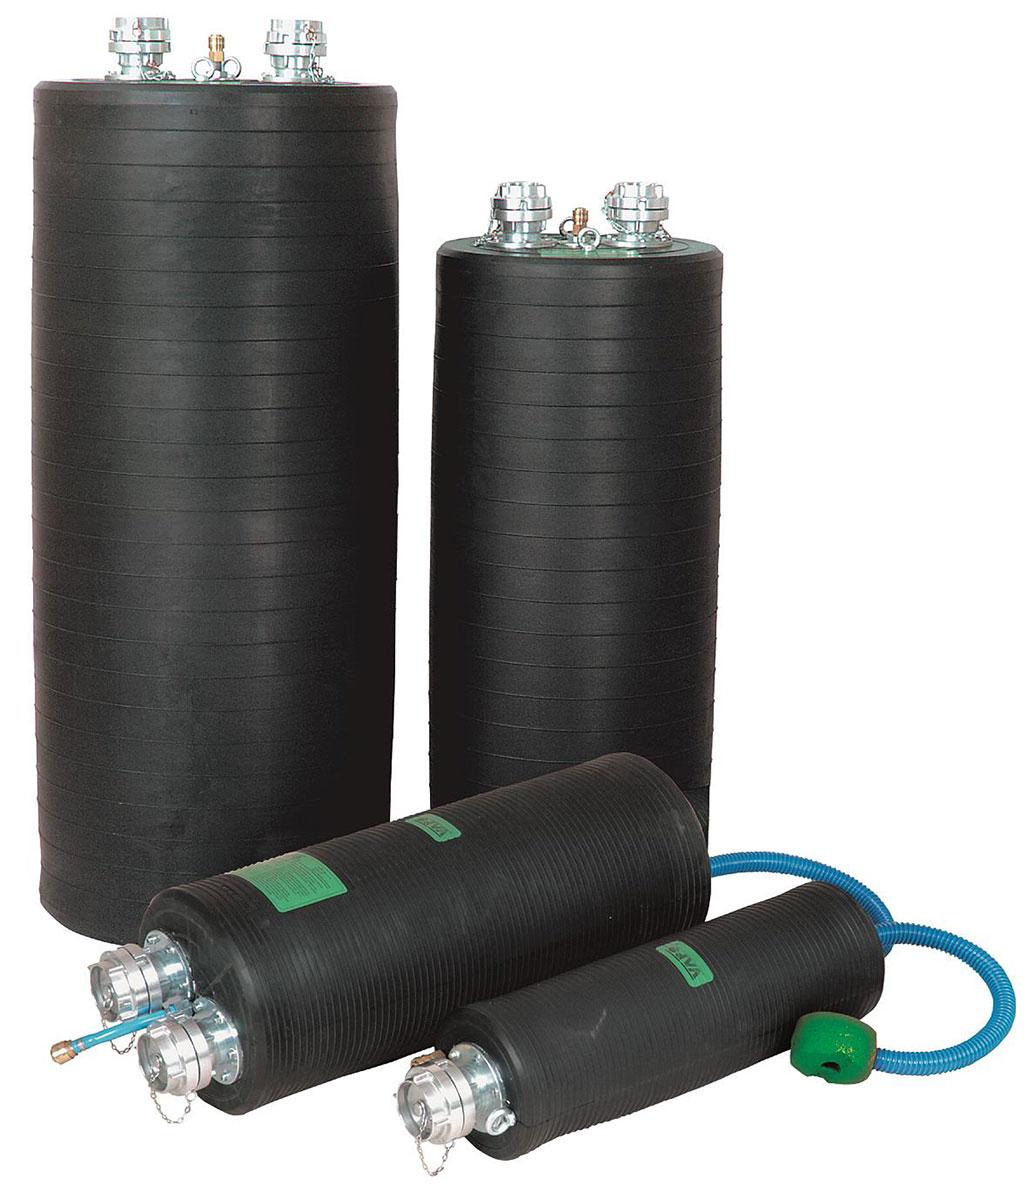 Flexible Rohrdichtkissen PU-F zur Abdichtung und Prüfung 70 - 1600 mm